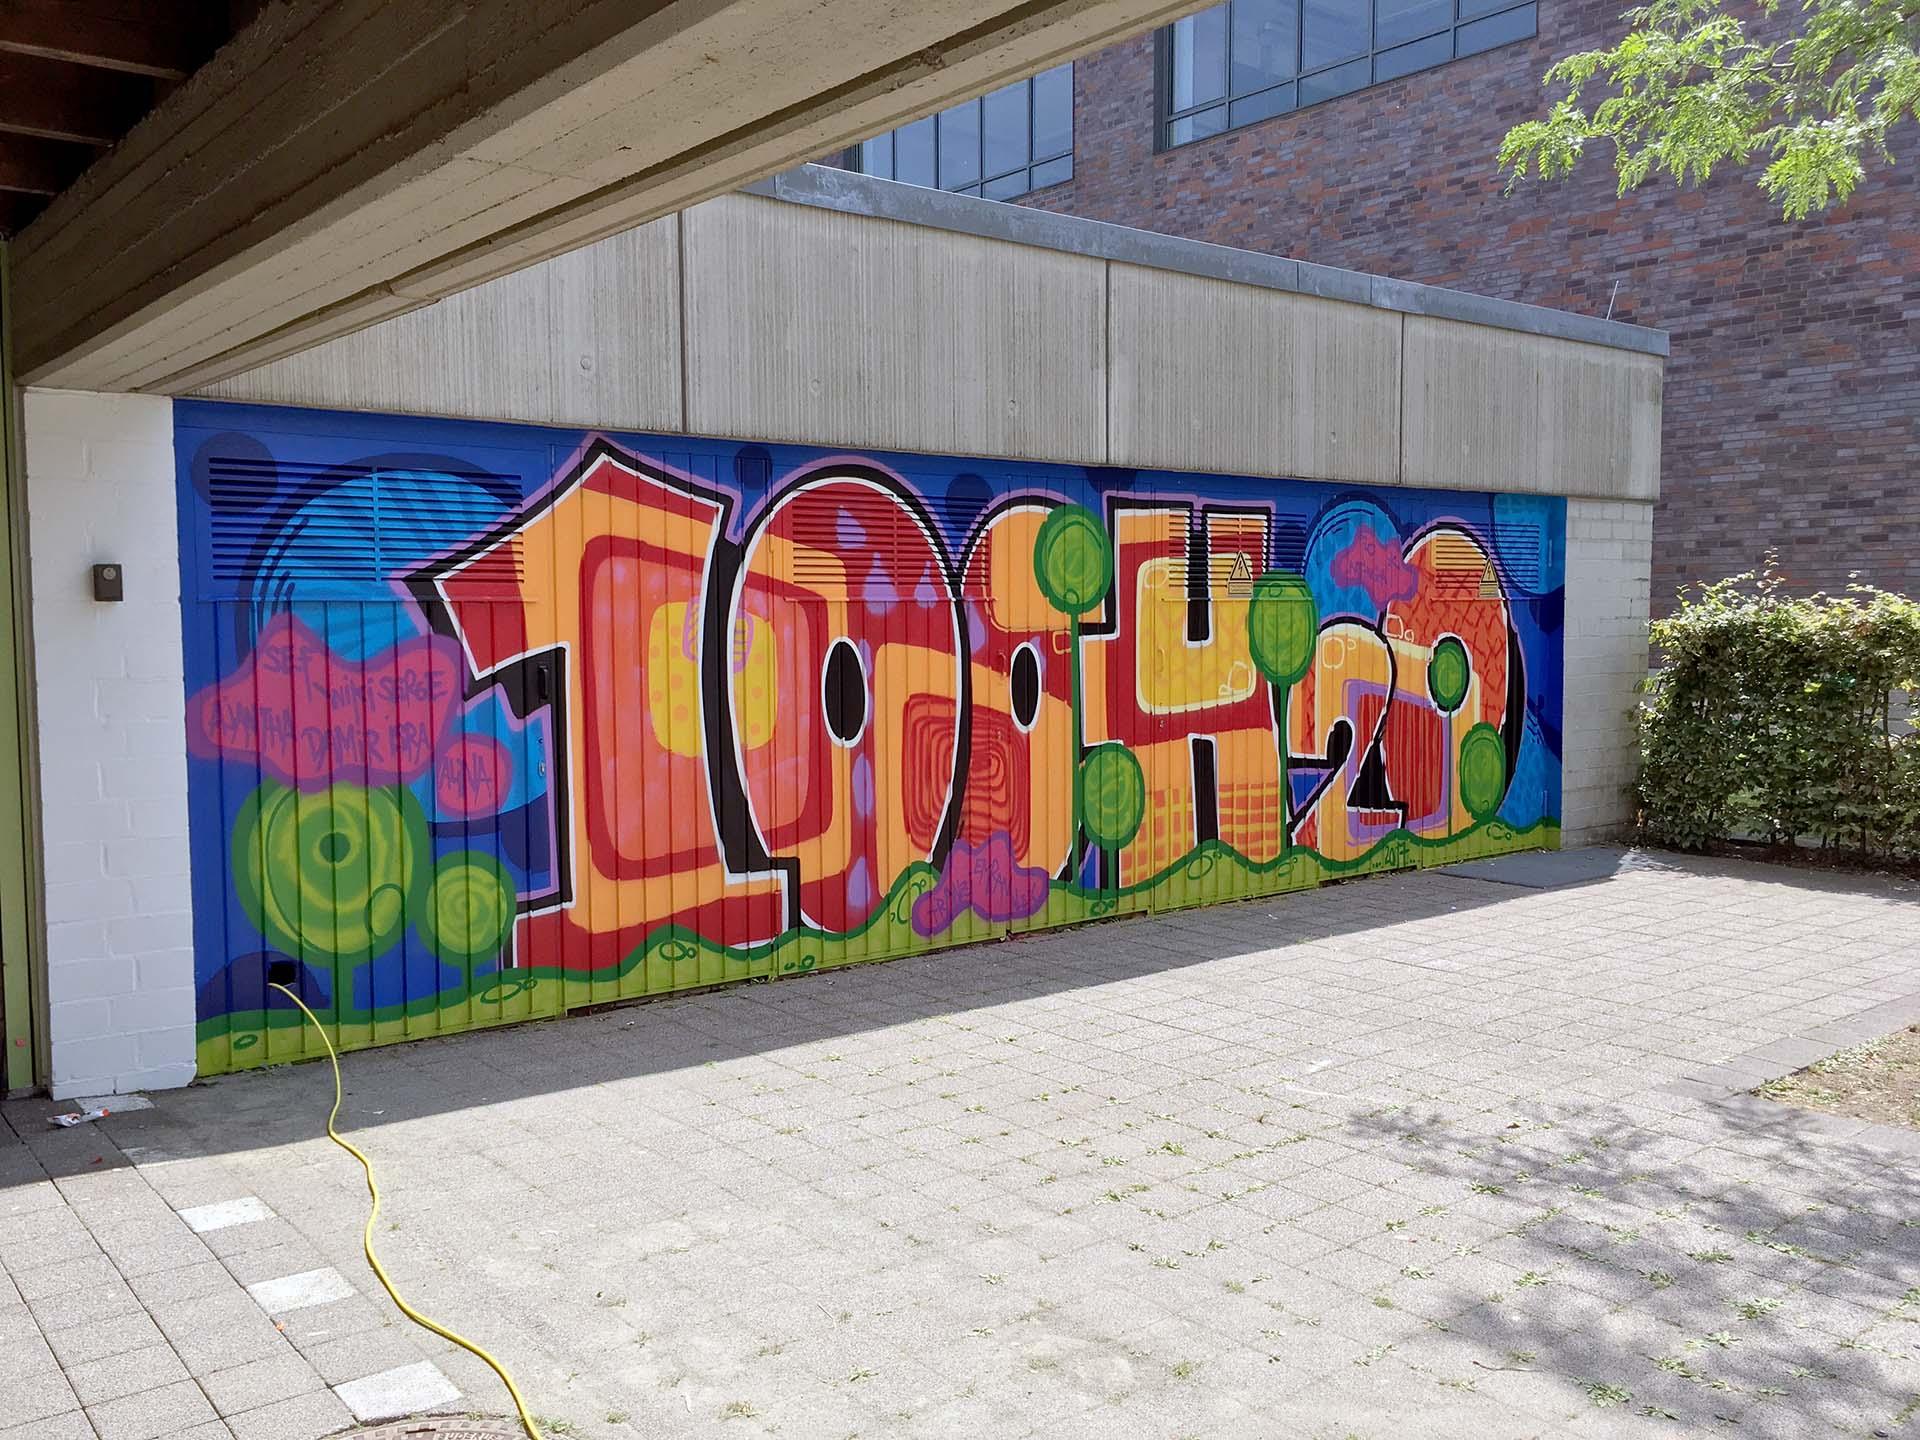 Graffiti-Workshops-Schulen-Jugend, Urban, Lernen, Sprayen, Bennet Grüttner